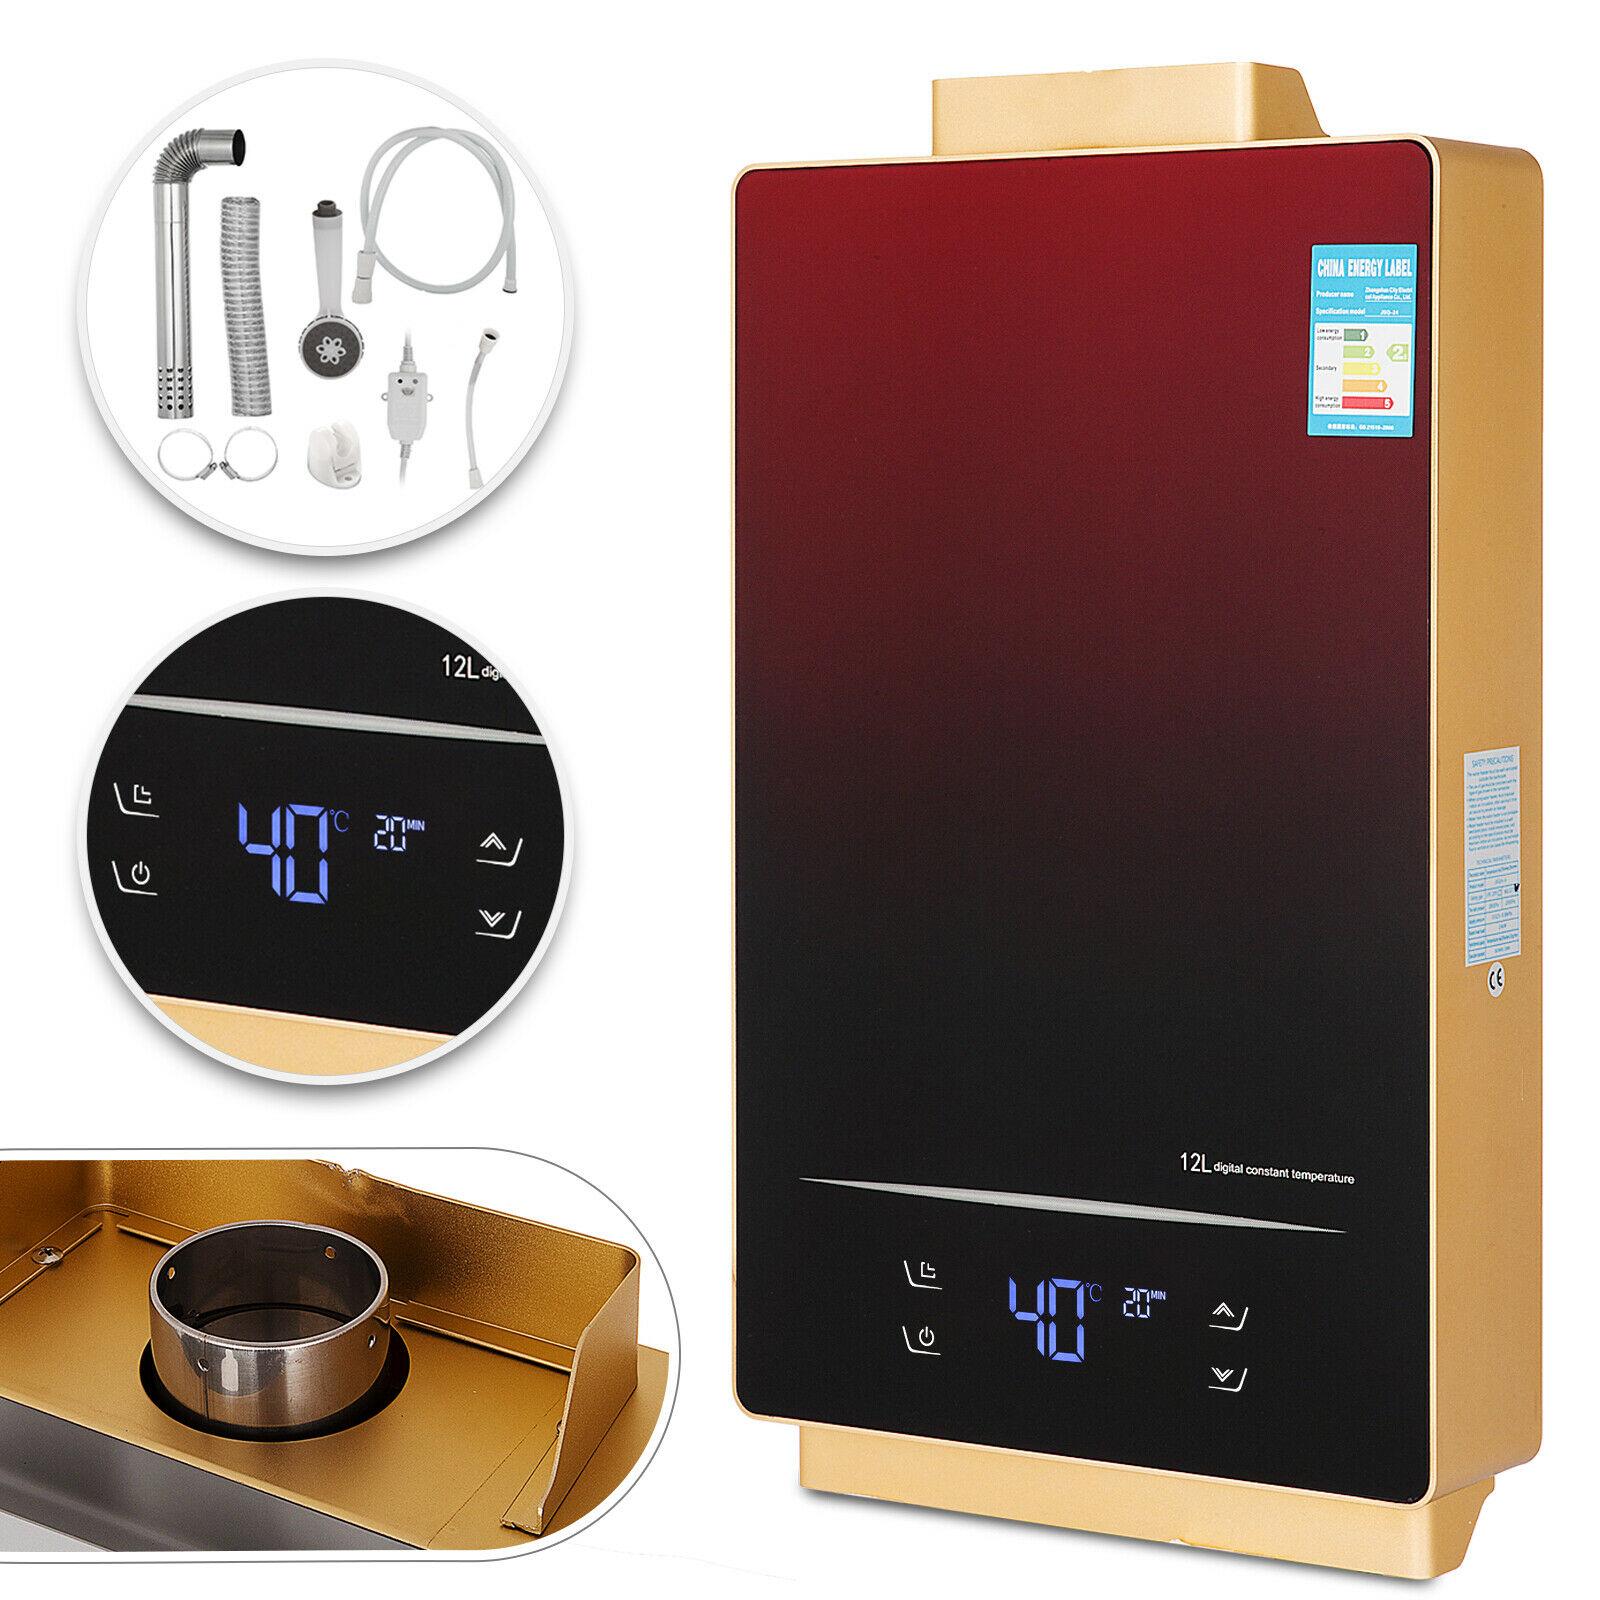 12L GLP calentador de agua sin tanque pantalla táctil bajo demanda pantalla LED interior calentador de agua caliente instantáneo con Kit de cabezal de ducha